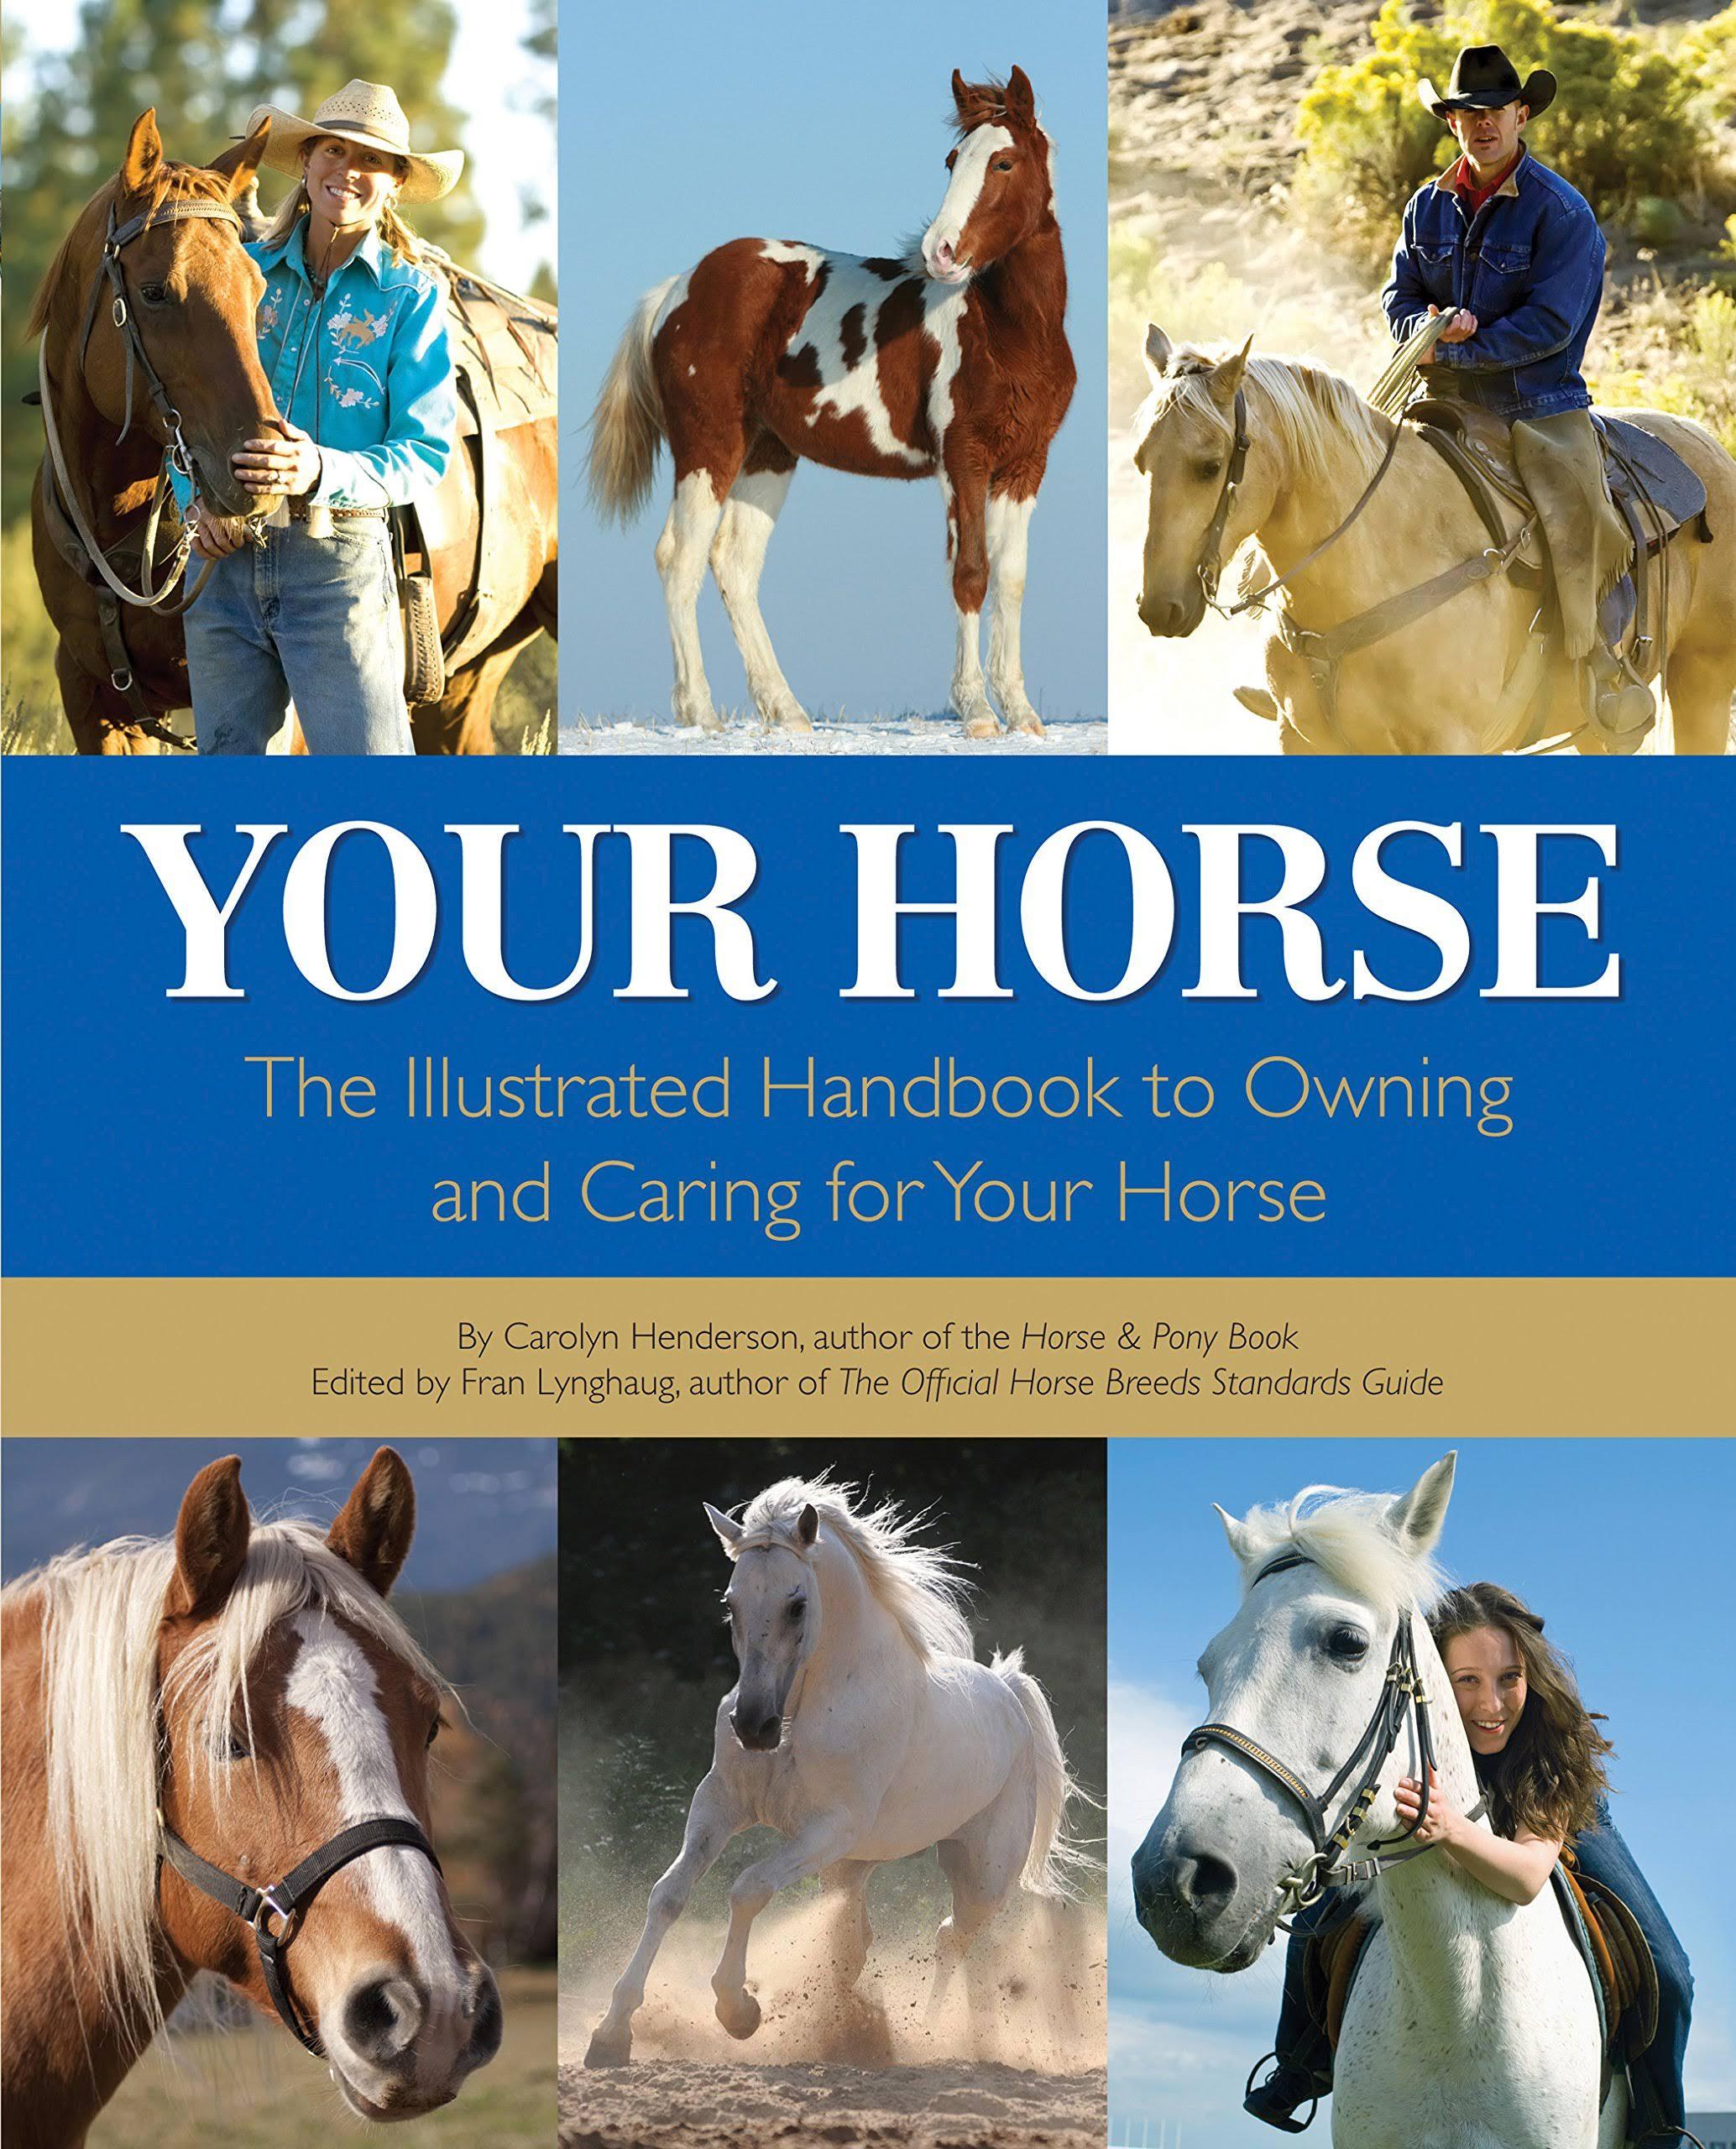 tuo libro manuale il curare cavallo possedere Il illustrato e cavalloil per JTlKcF1